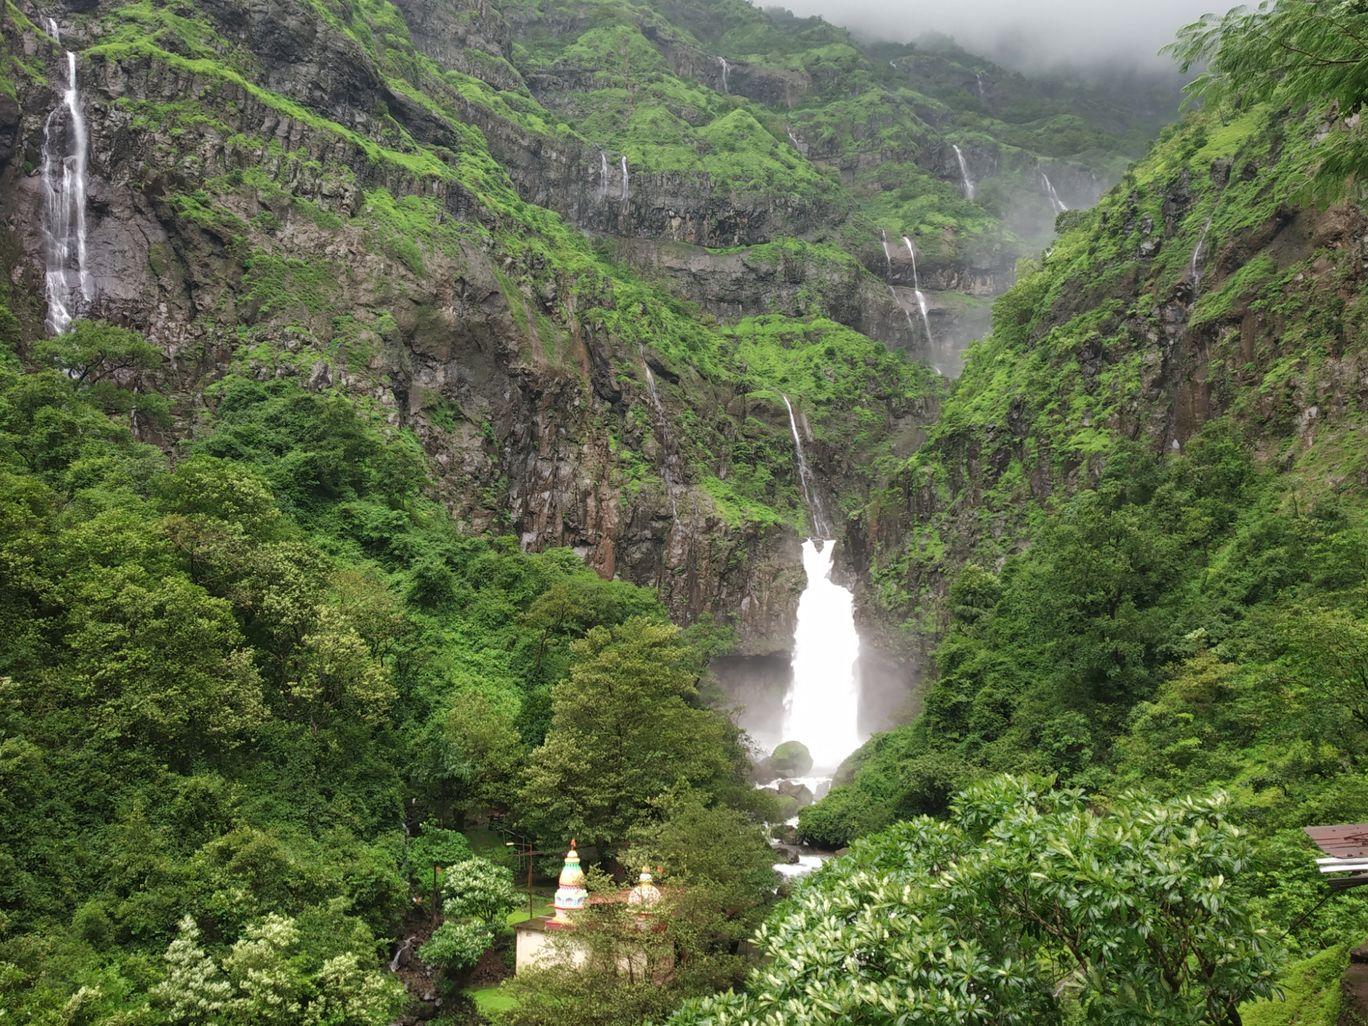 Photo of Marleshwar Waterfall By KALAPURI by Aatish Chavan